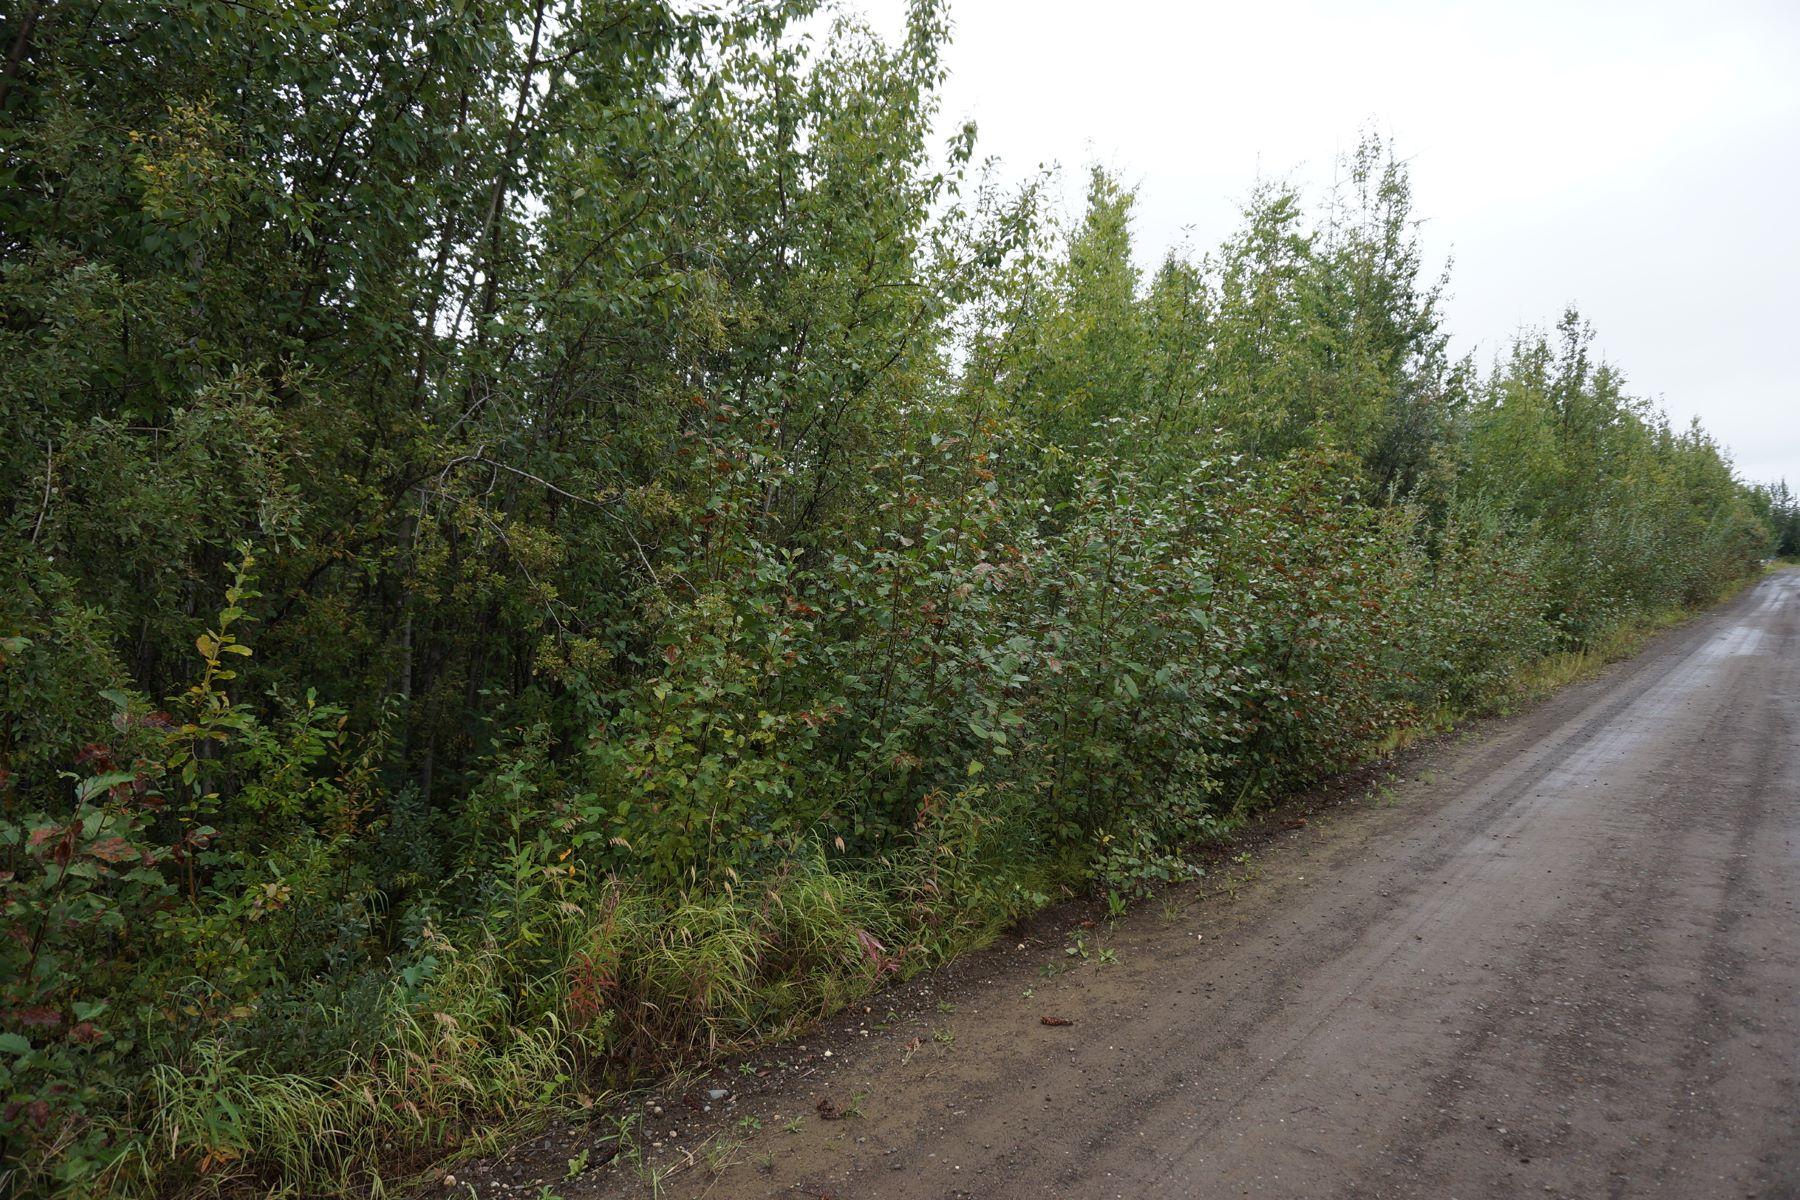 Terreno por un Venta en NHN Tootie Street Lot 6 North Pole, Alaska 99705 Estados Unidos